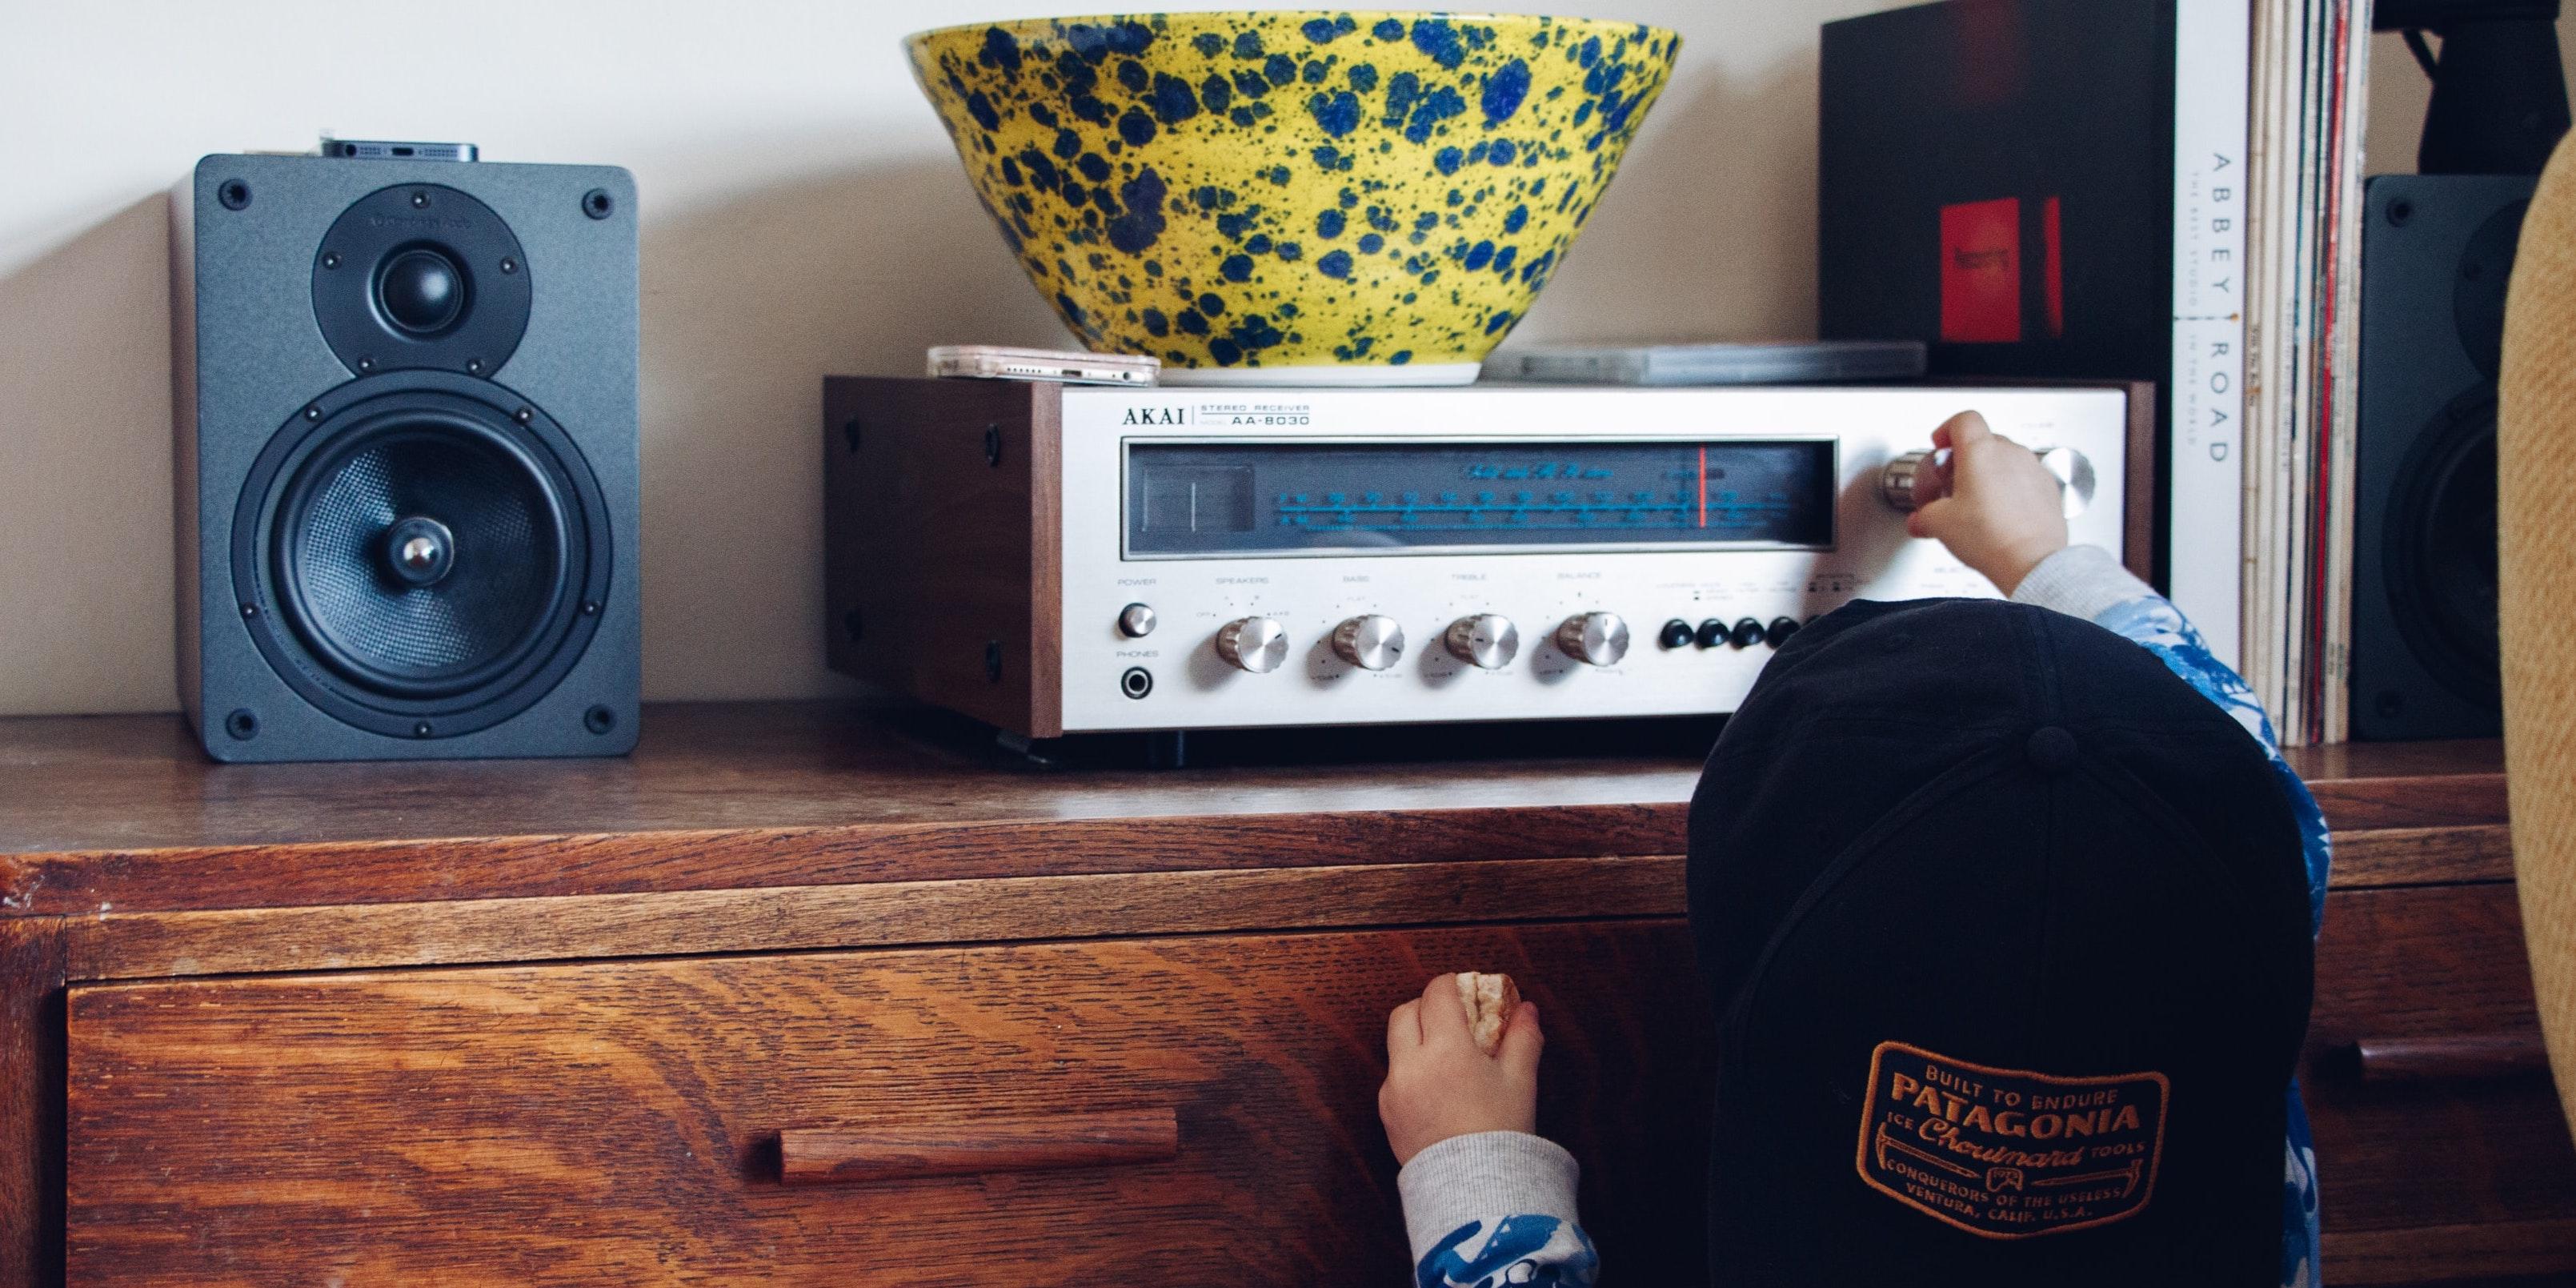 Ist es überhaupt noch wichtig im Radio gespielt zu werden? Das sind eure Meinungen.